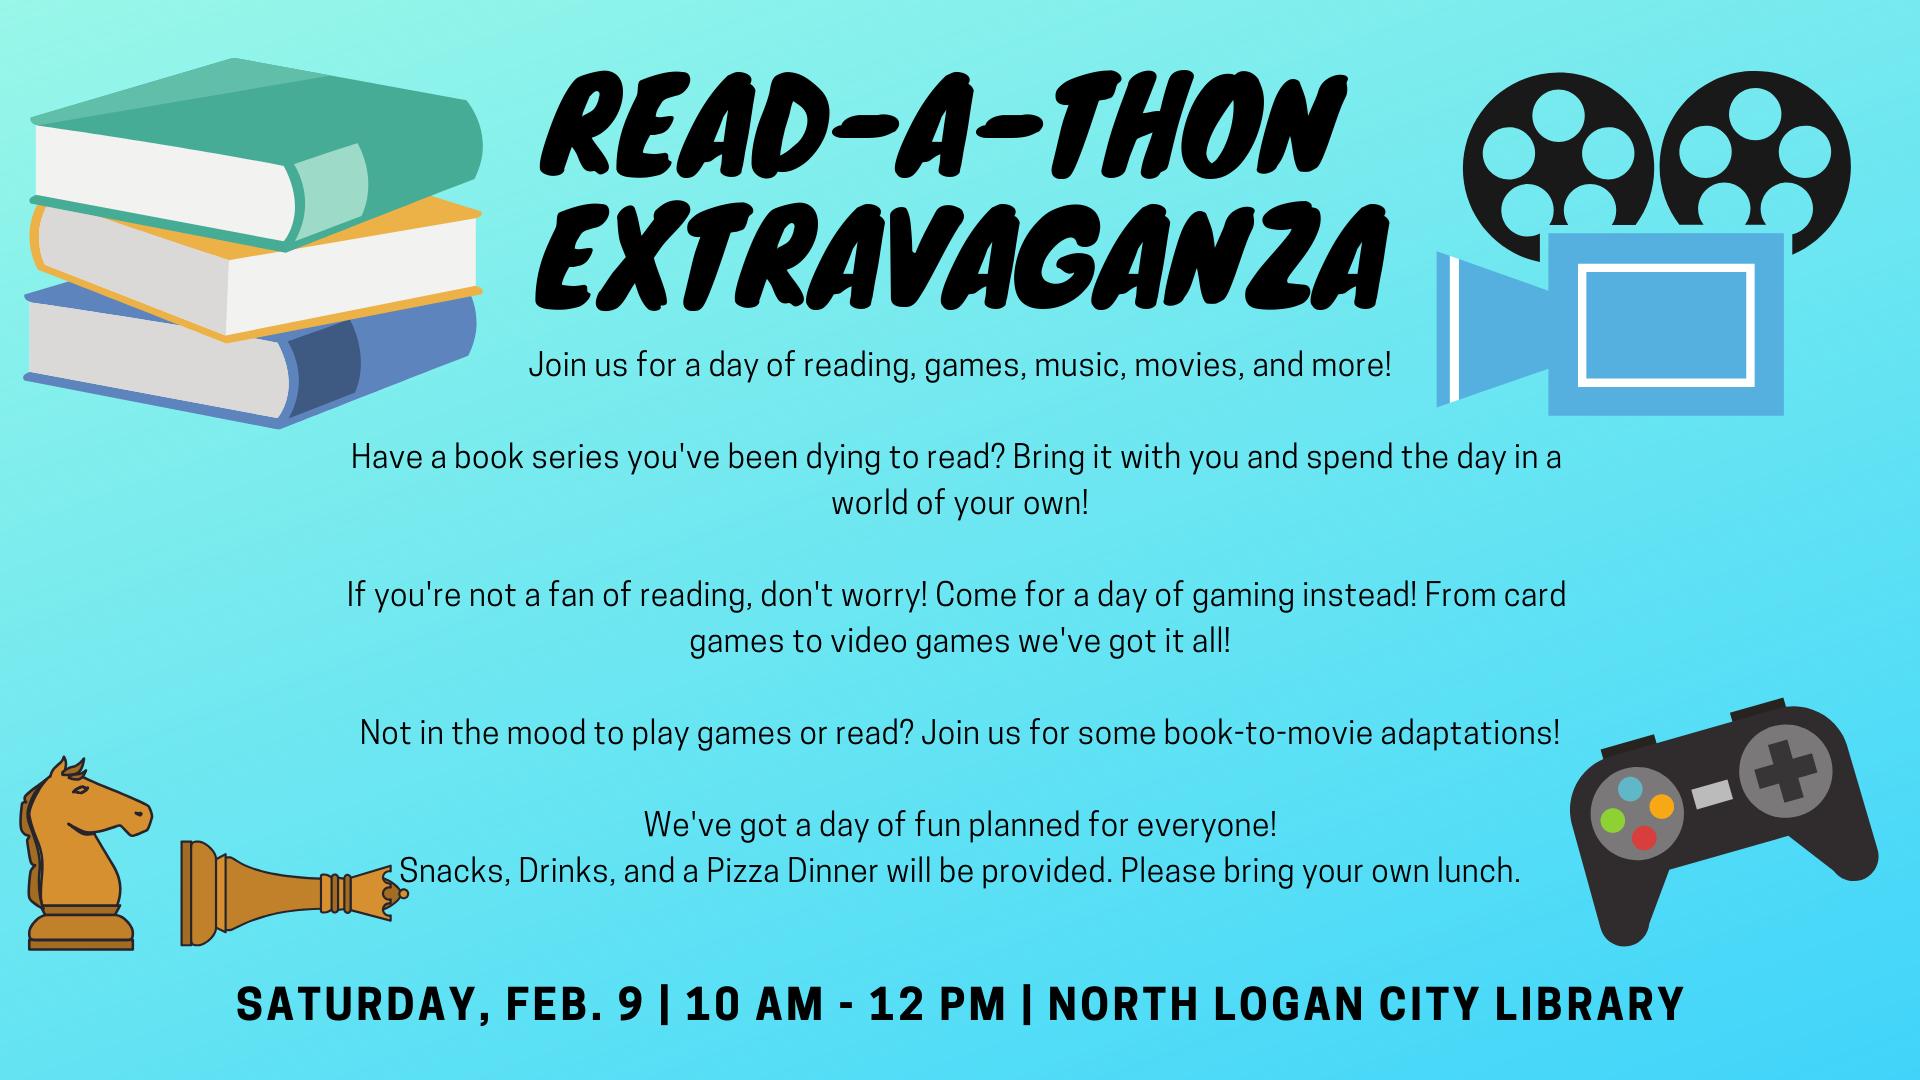 Read-A-Thon Extravaganza!